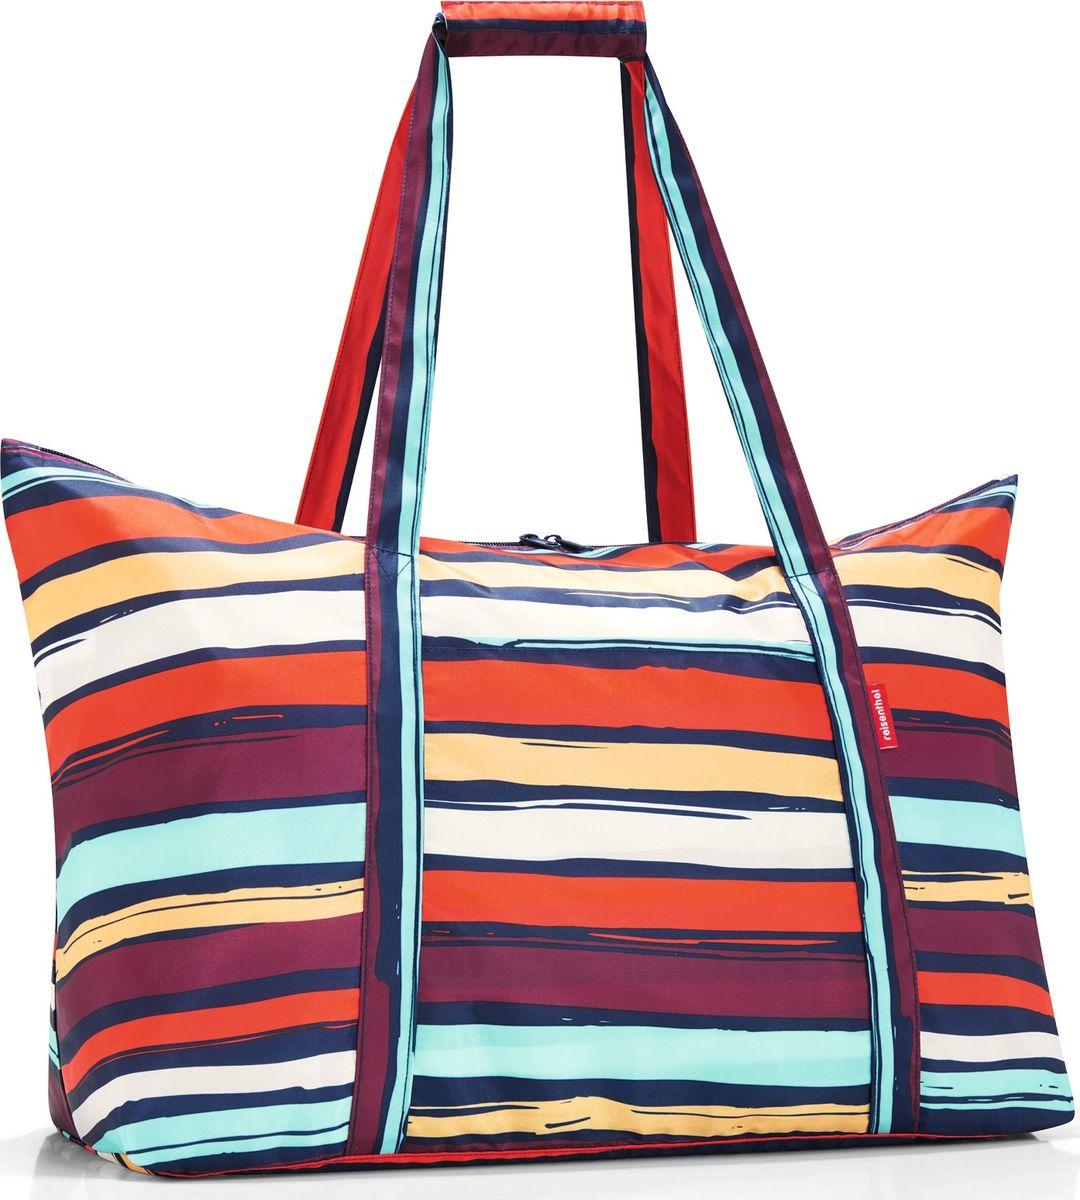 Сумка женская Mini Maxi Travelbag Artist Stripes, цвет: мультиколор. AG3058AG3058Практичная сумка для путешествий. Компактно сворачивается, благодаря чему ее можно взять с собой в поездку в качестве запасной, для приобретенных в пути сувениров и покупок. Также подойдет для похода за продуктами. - складывается в небольшой чехол, удобный для перевозки в сумке или рюкзаке; - предусмотрен внешний кармашек для мелочей; - для удобства ручки сумки можно соединить между собой; - объем – 30 литров.